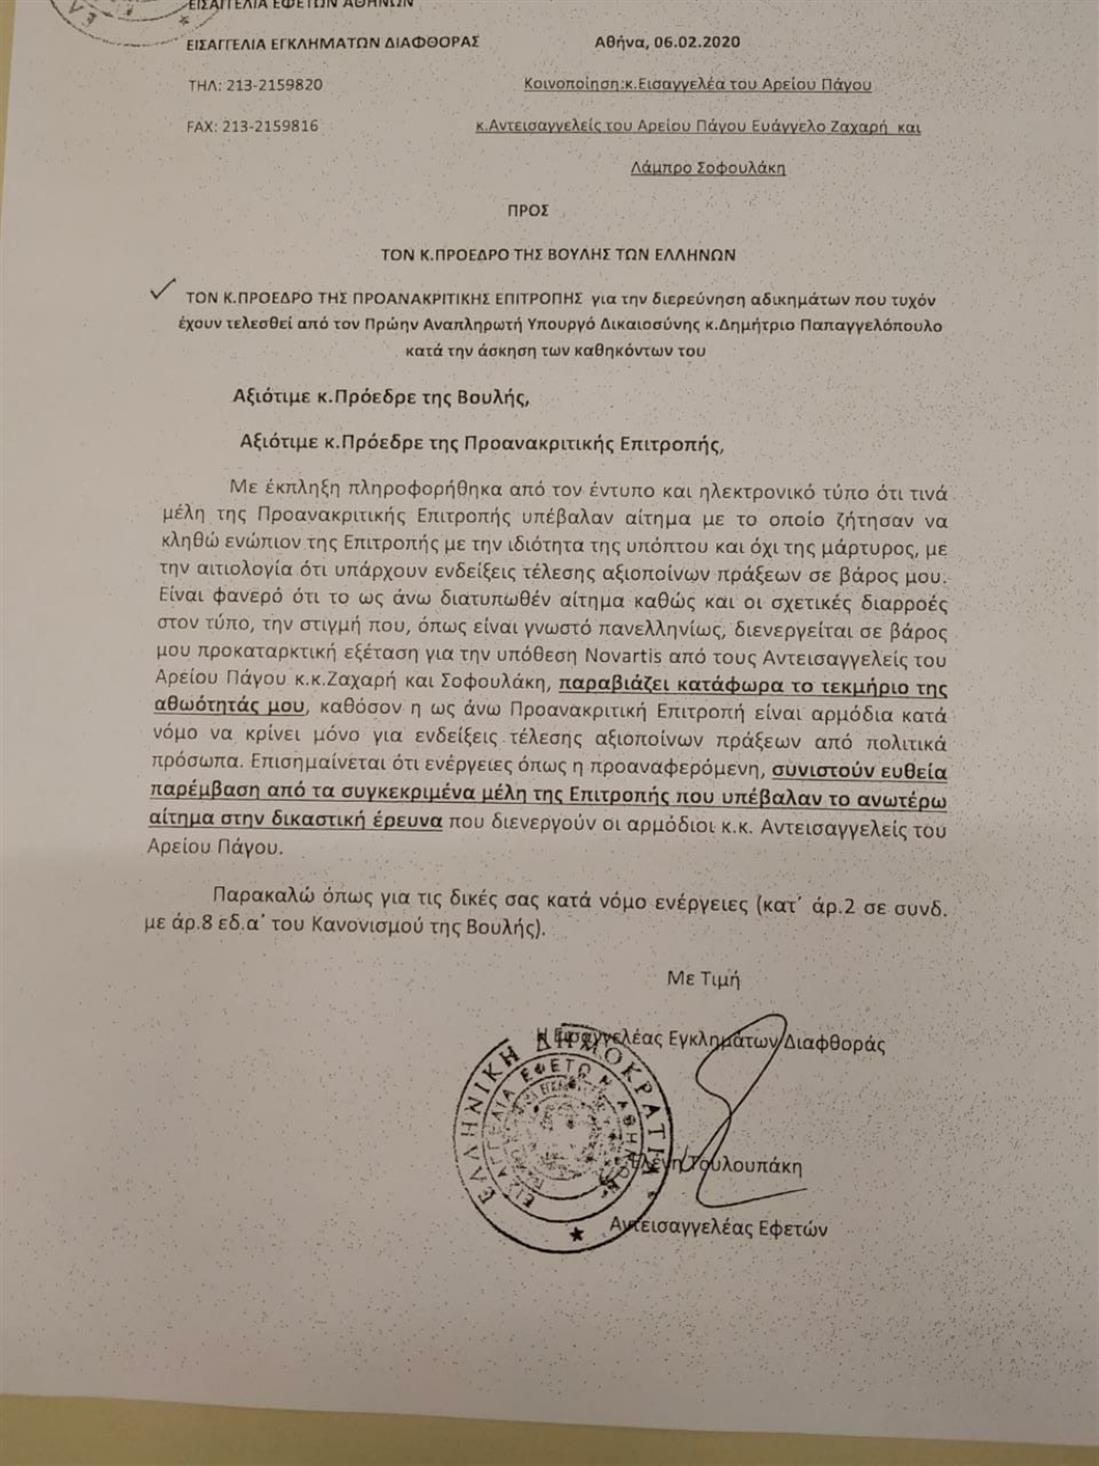 Επιστολή - Τουλουπάκη - Προανακριτική Επιτροπή - Βουλή - Novartis